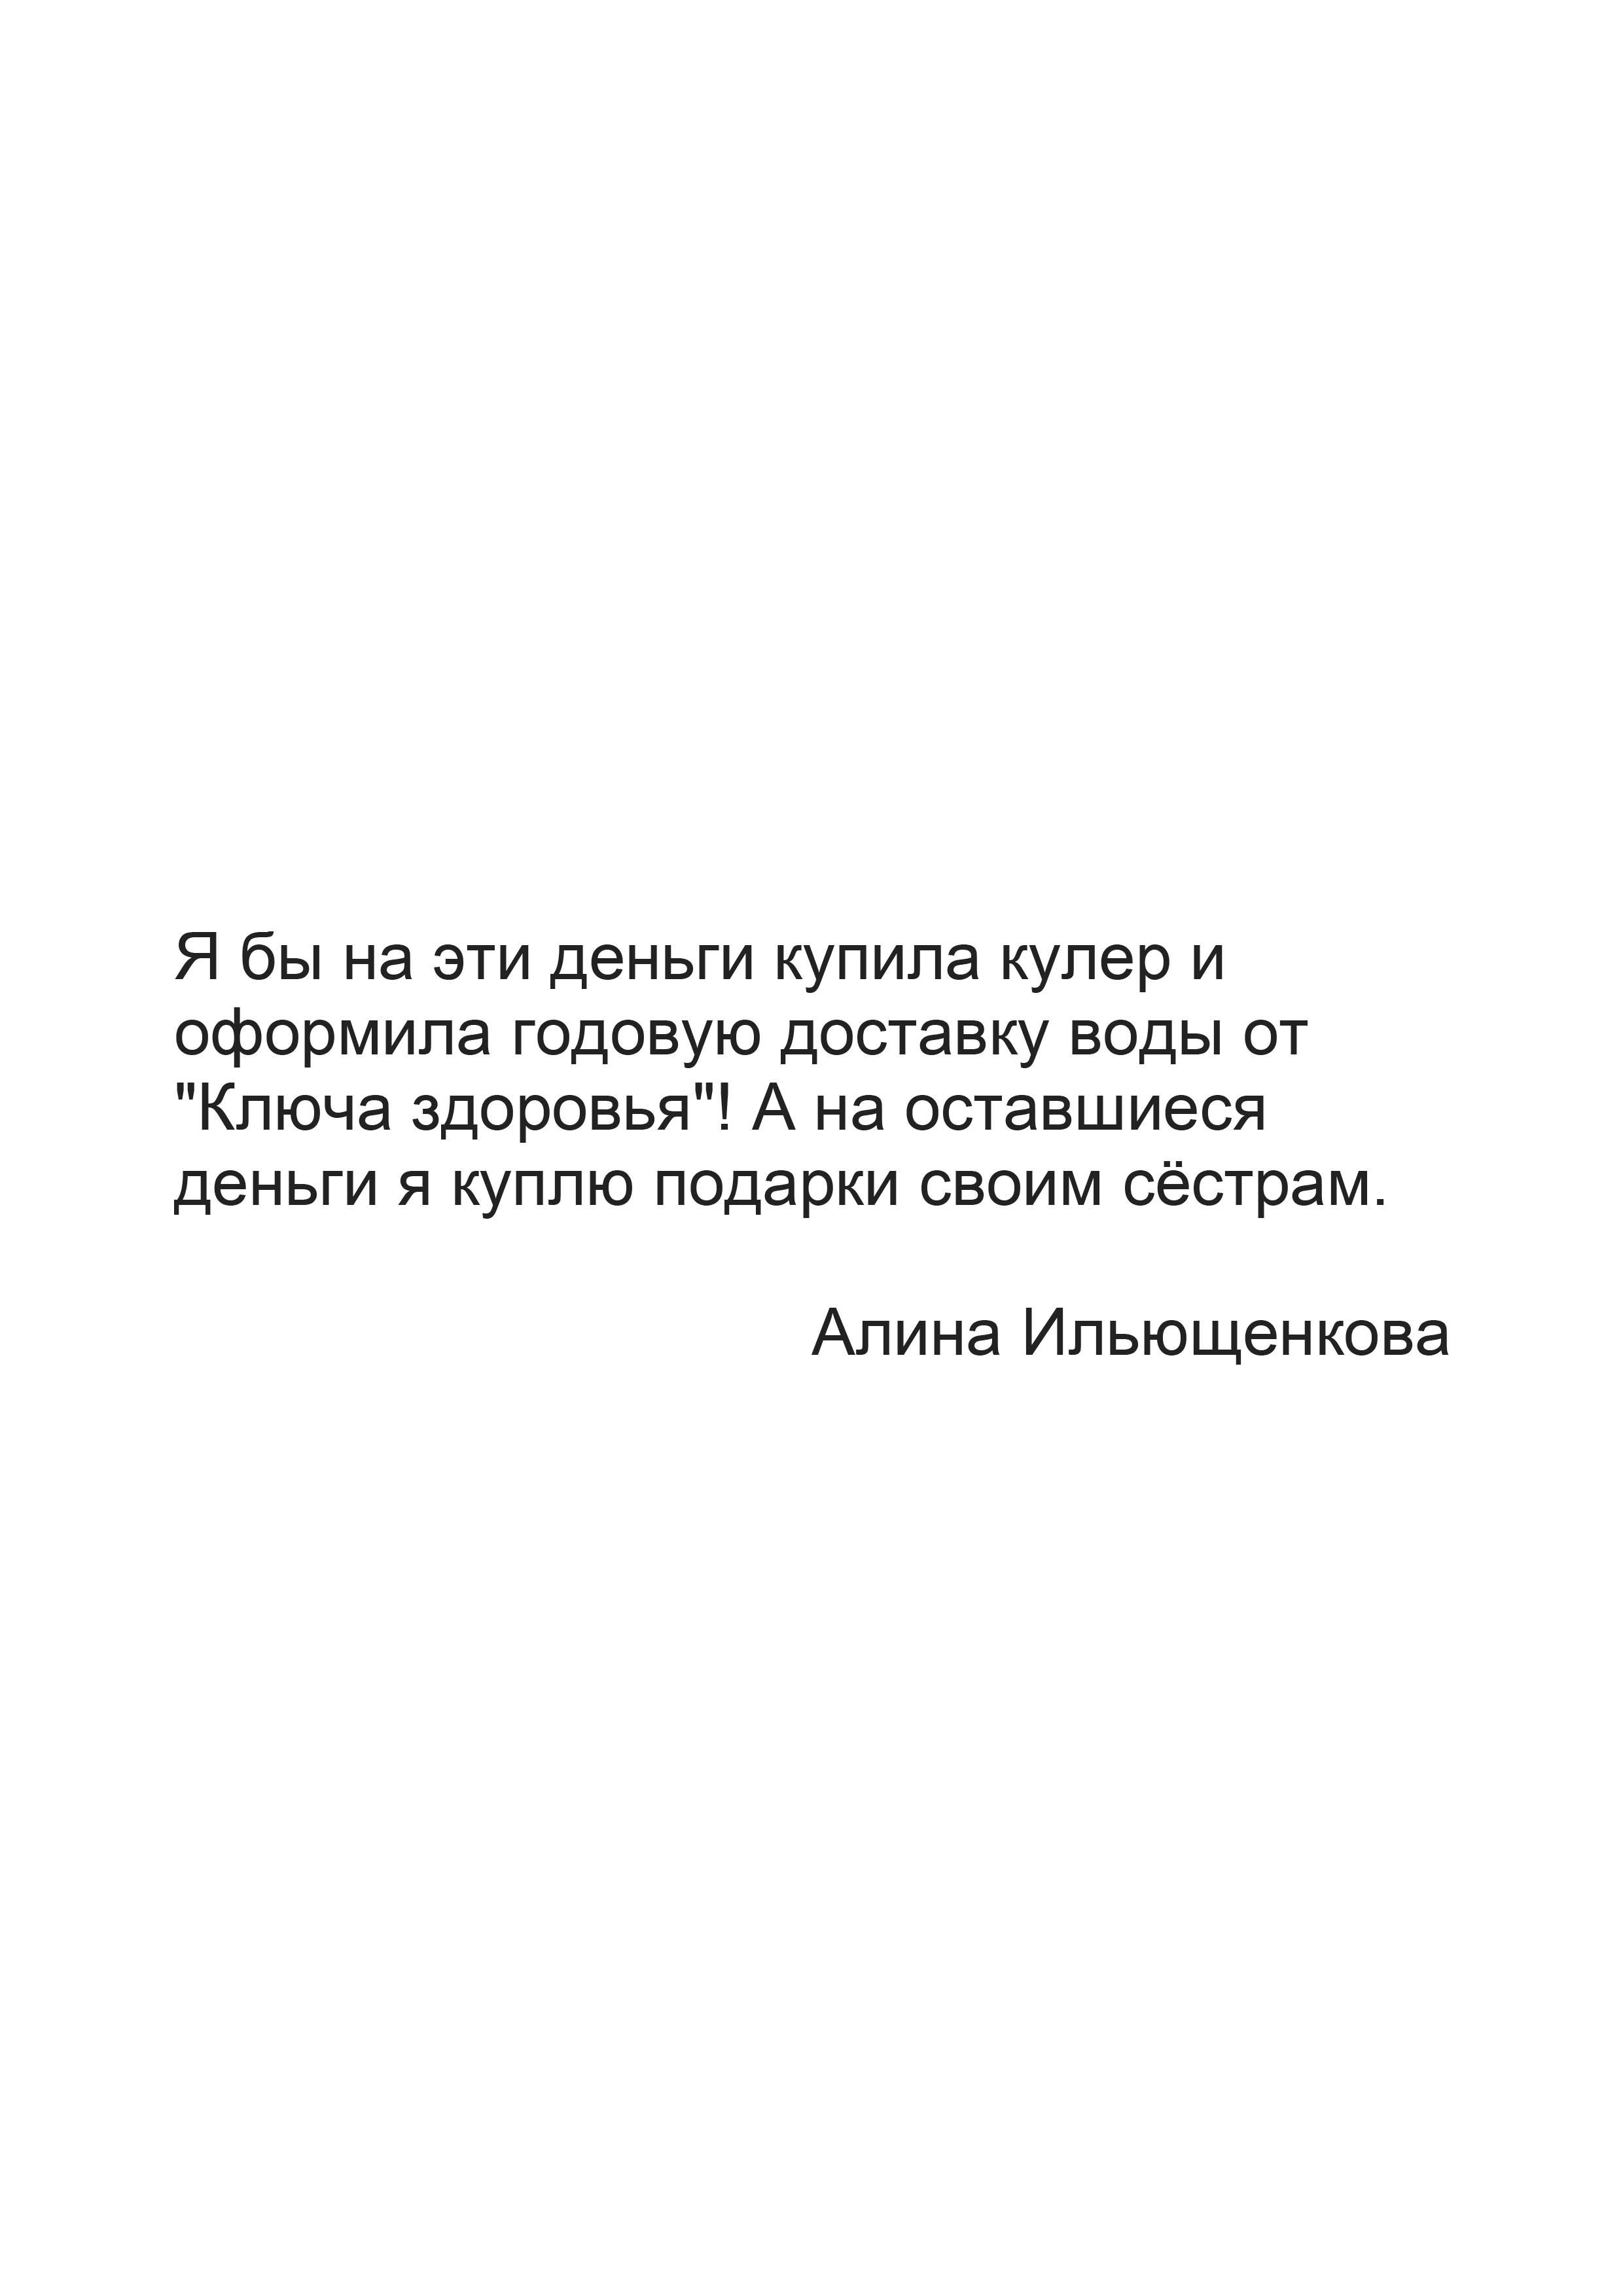 Алина Ильющенкова